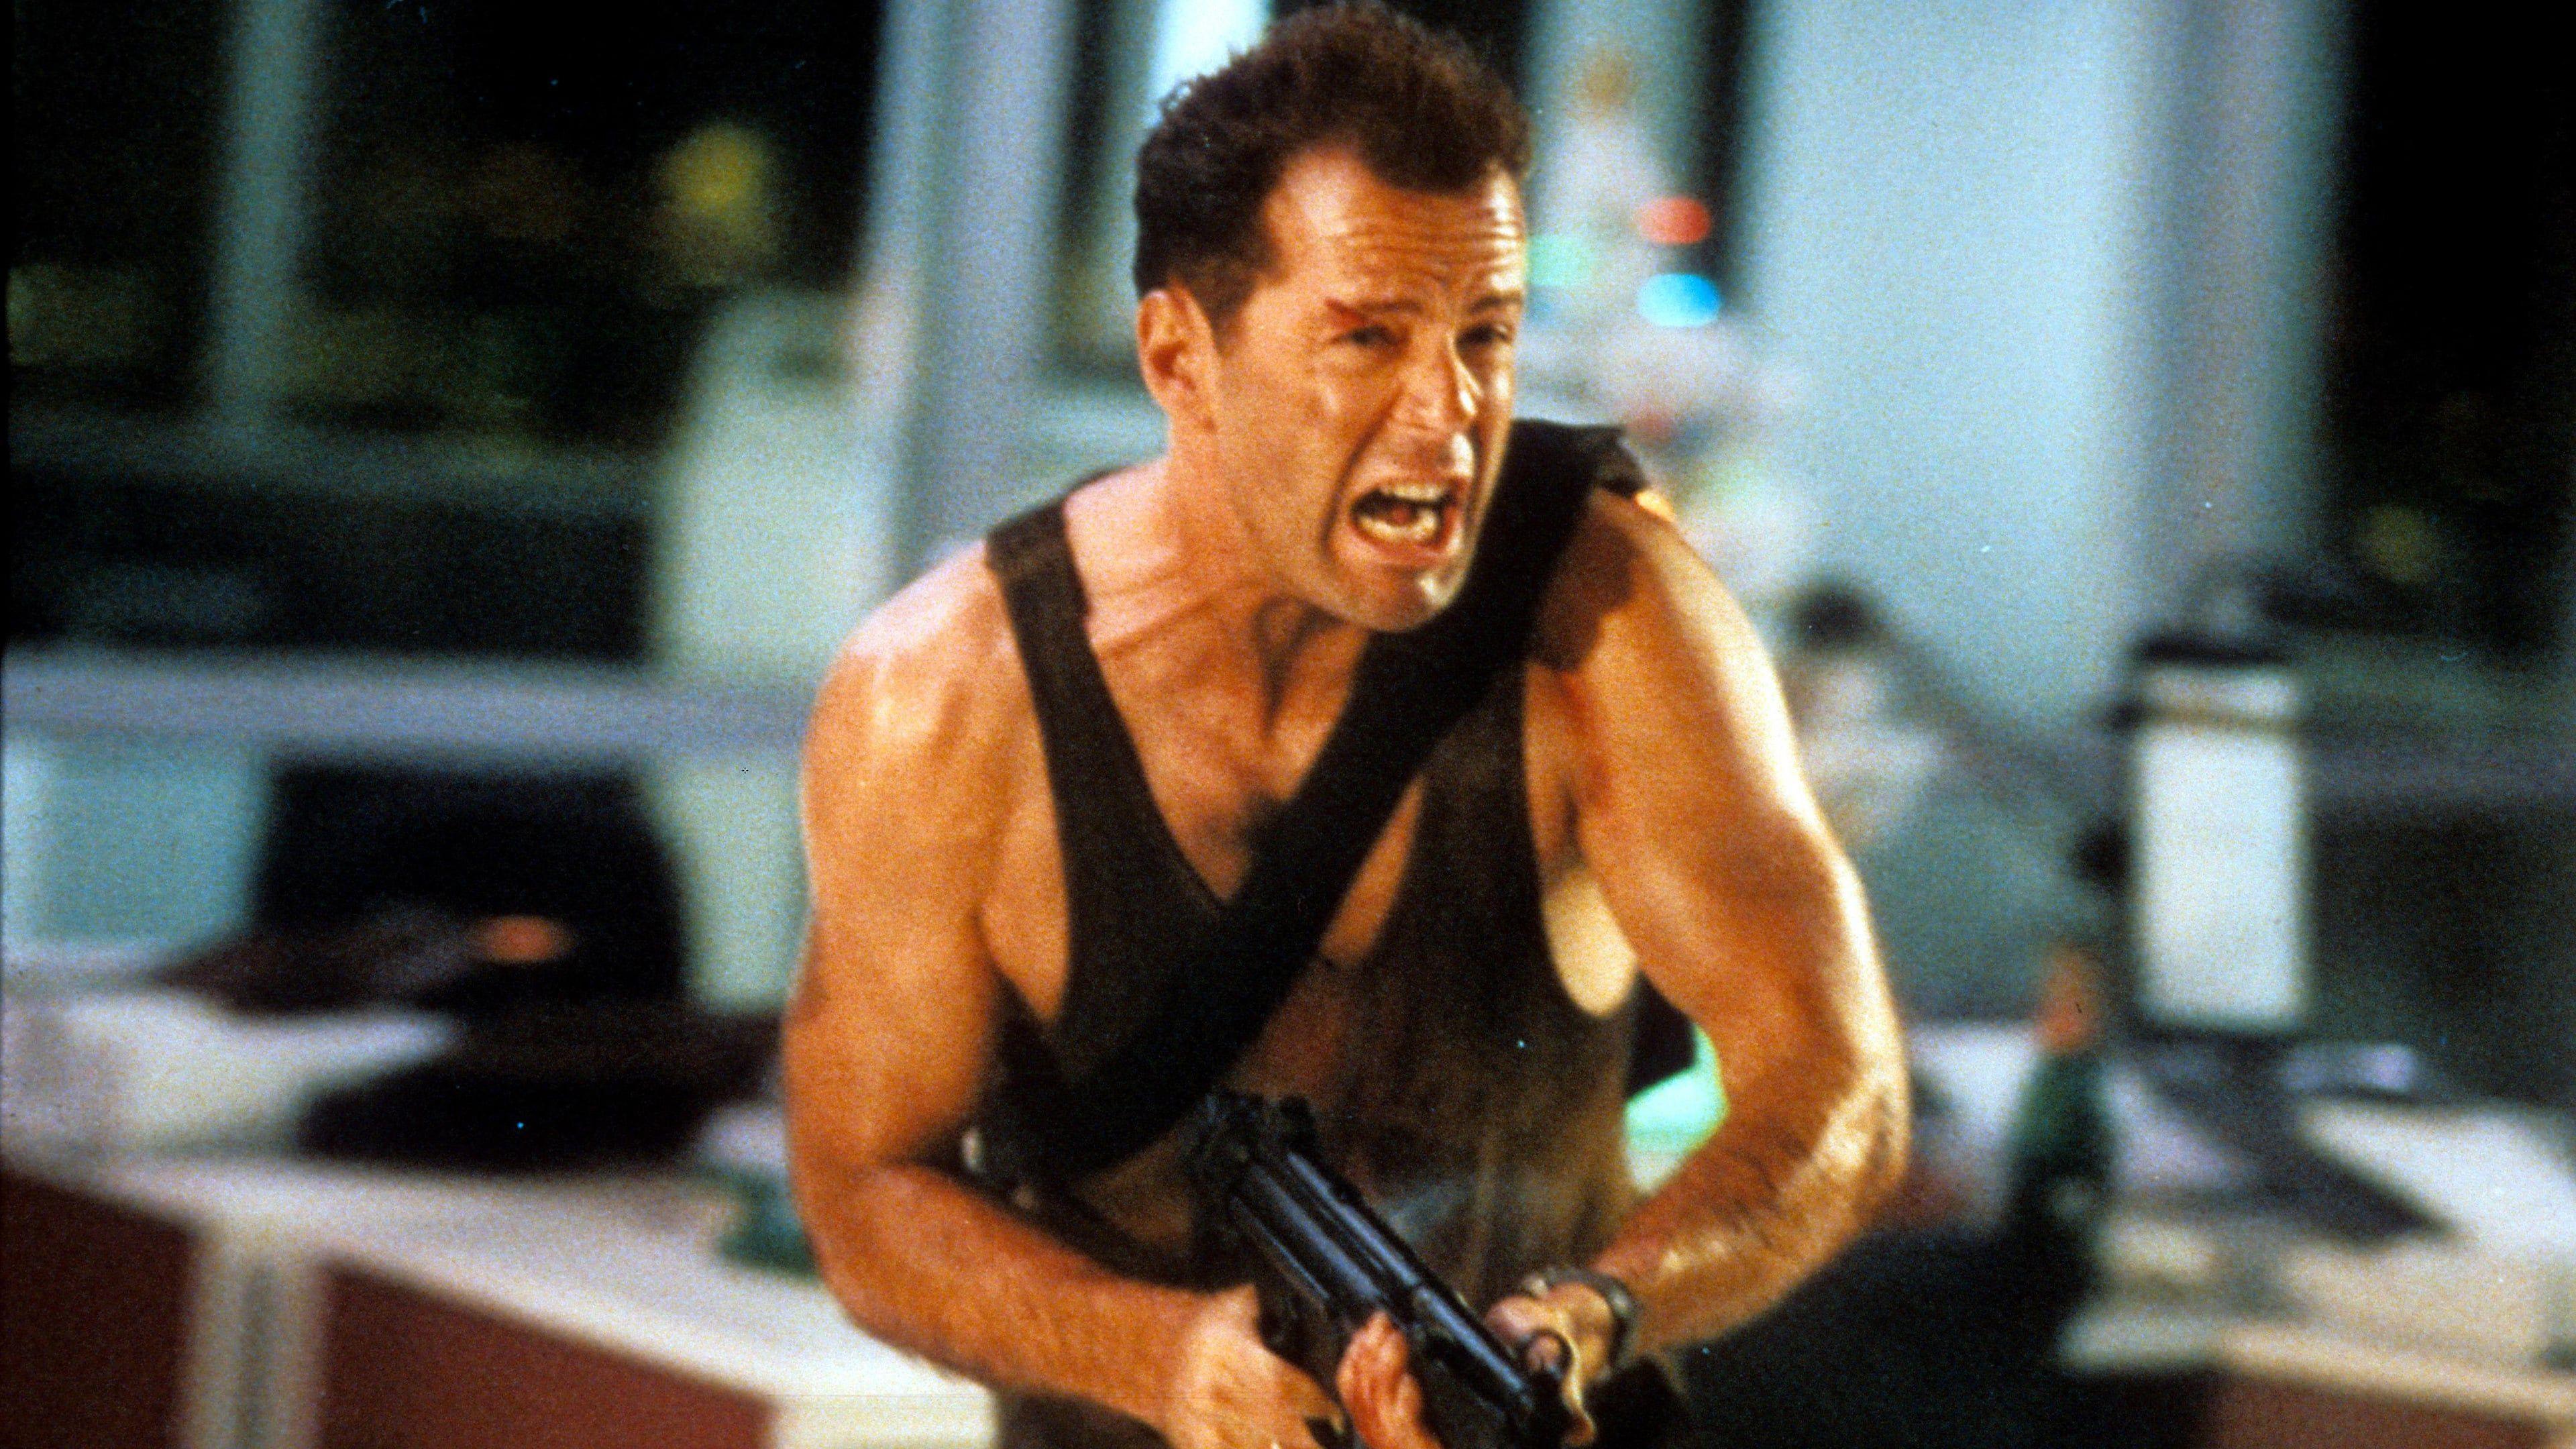 Die Hard Trappola Di Cristallo 1988 Streaming Ita Cb01 Film Completo Italiano Altadefinizione Durante La Tradizionale Festa Di Nata Film Film Completi Cinema